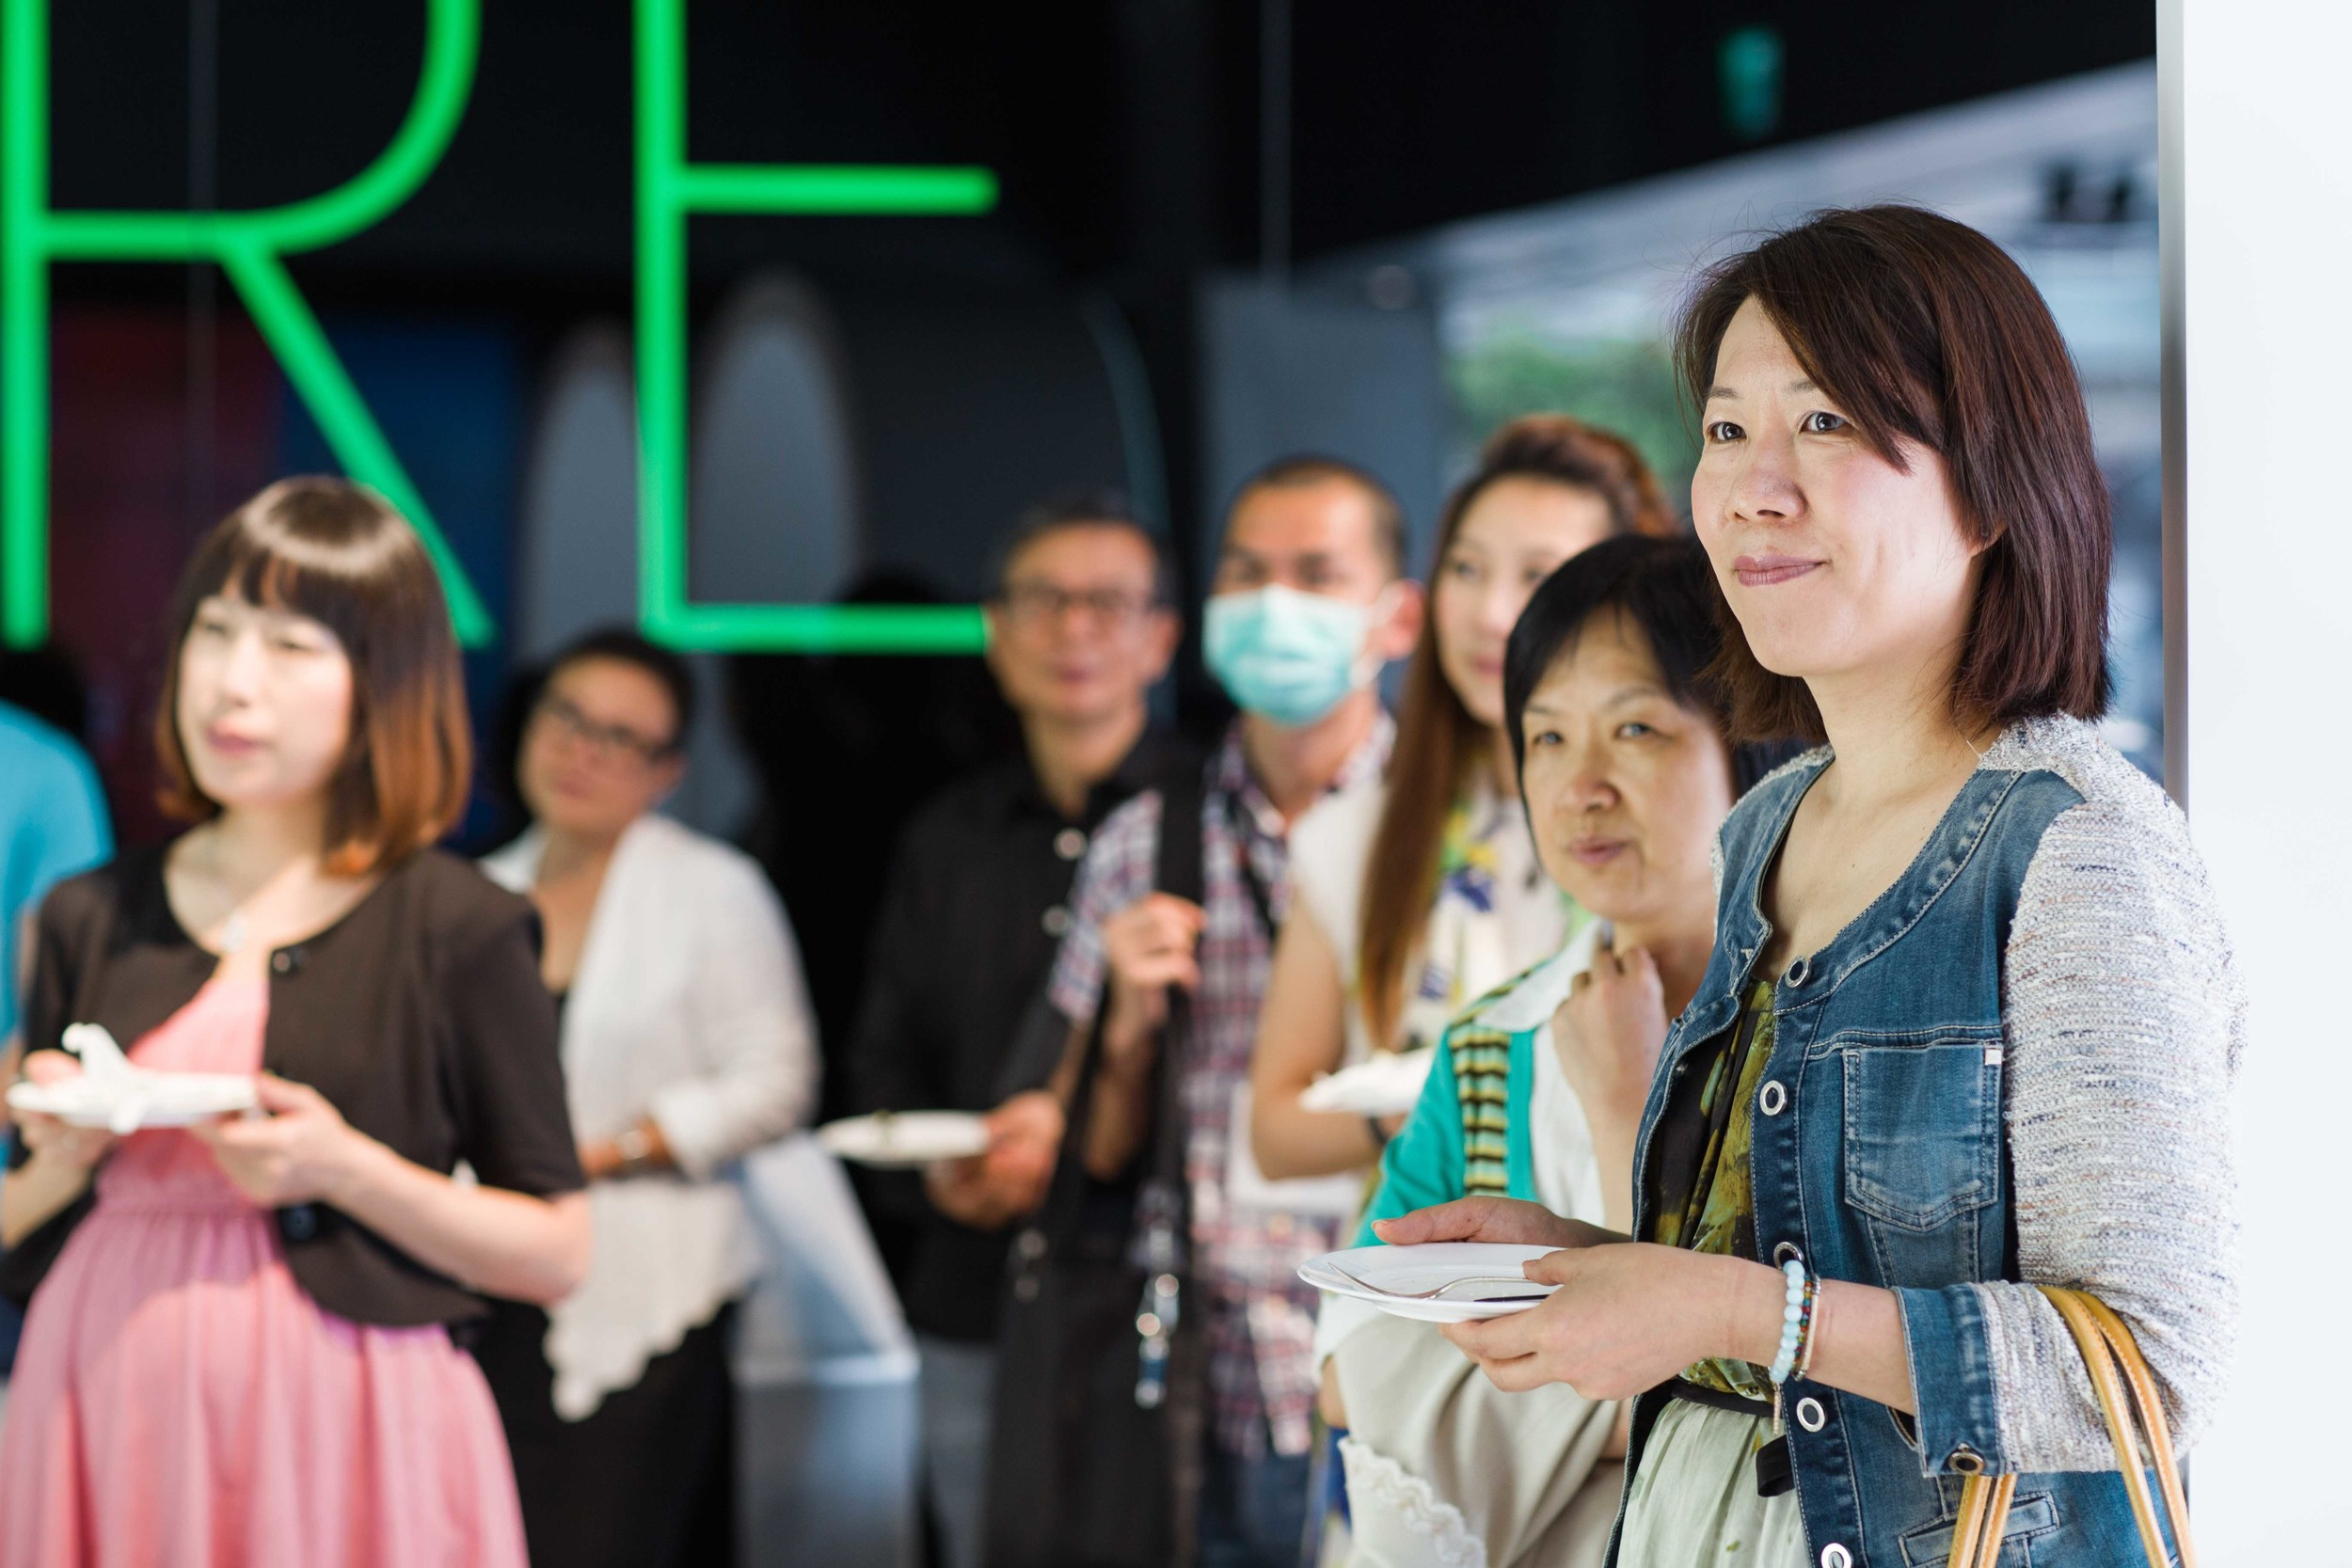 Wuz_newwebsite_event_42.JPG